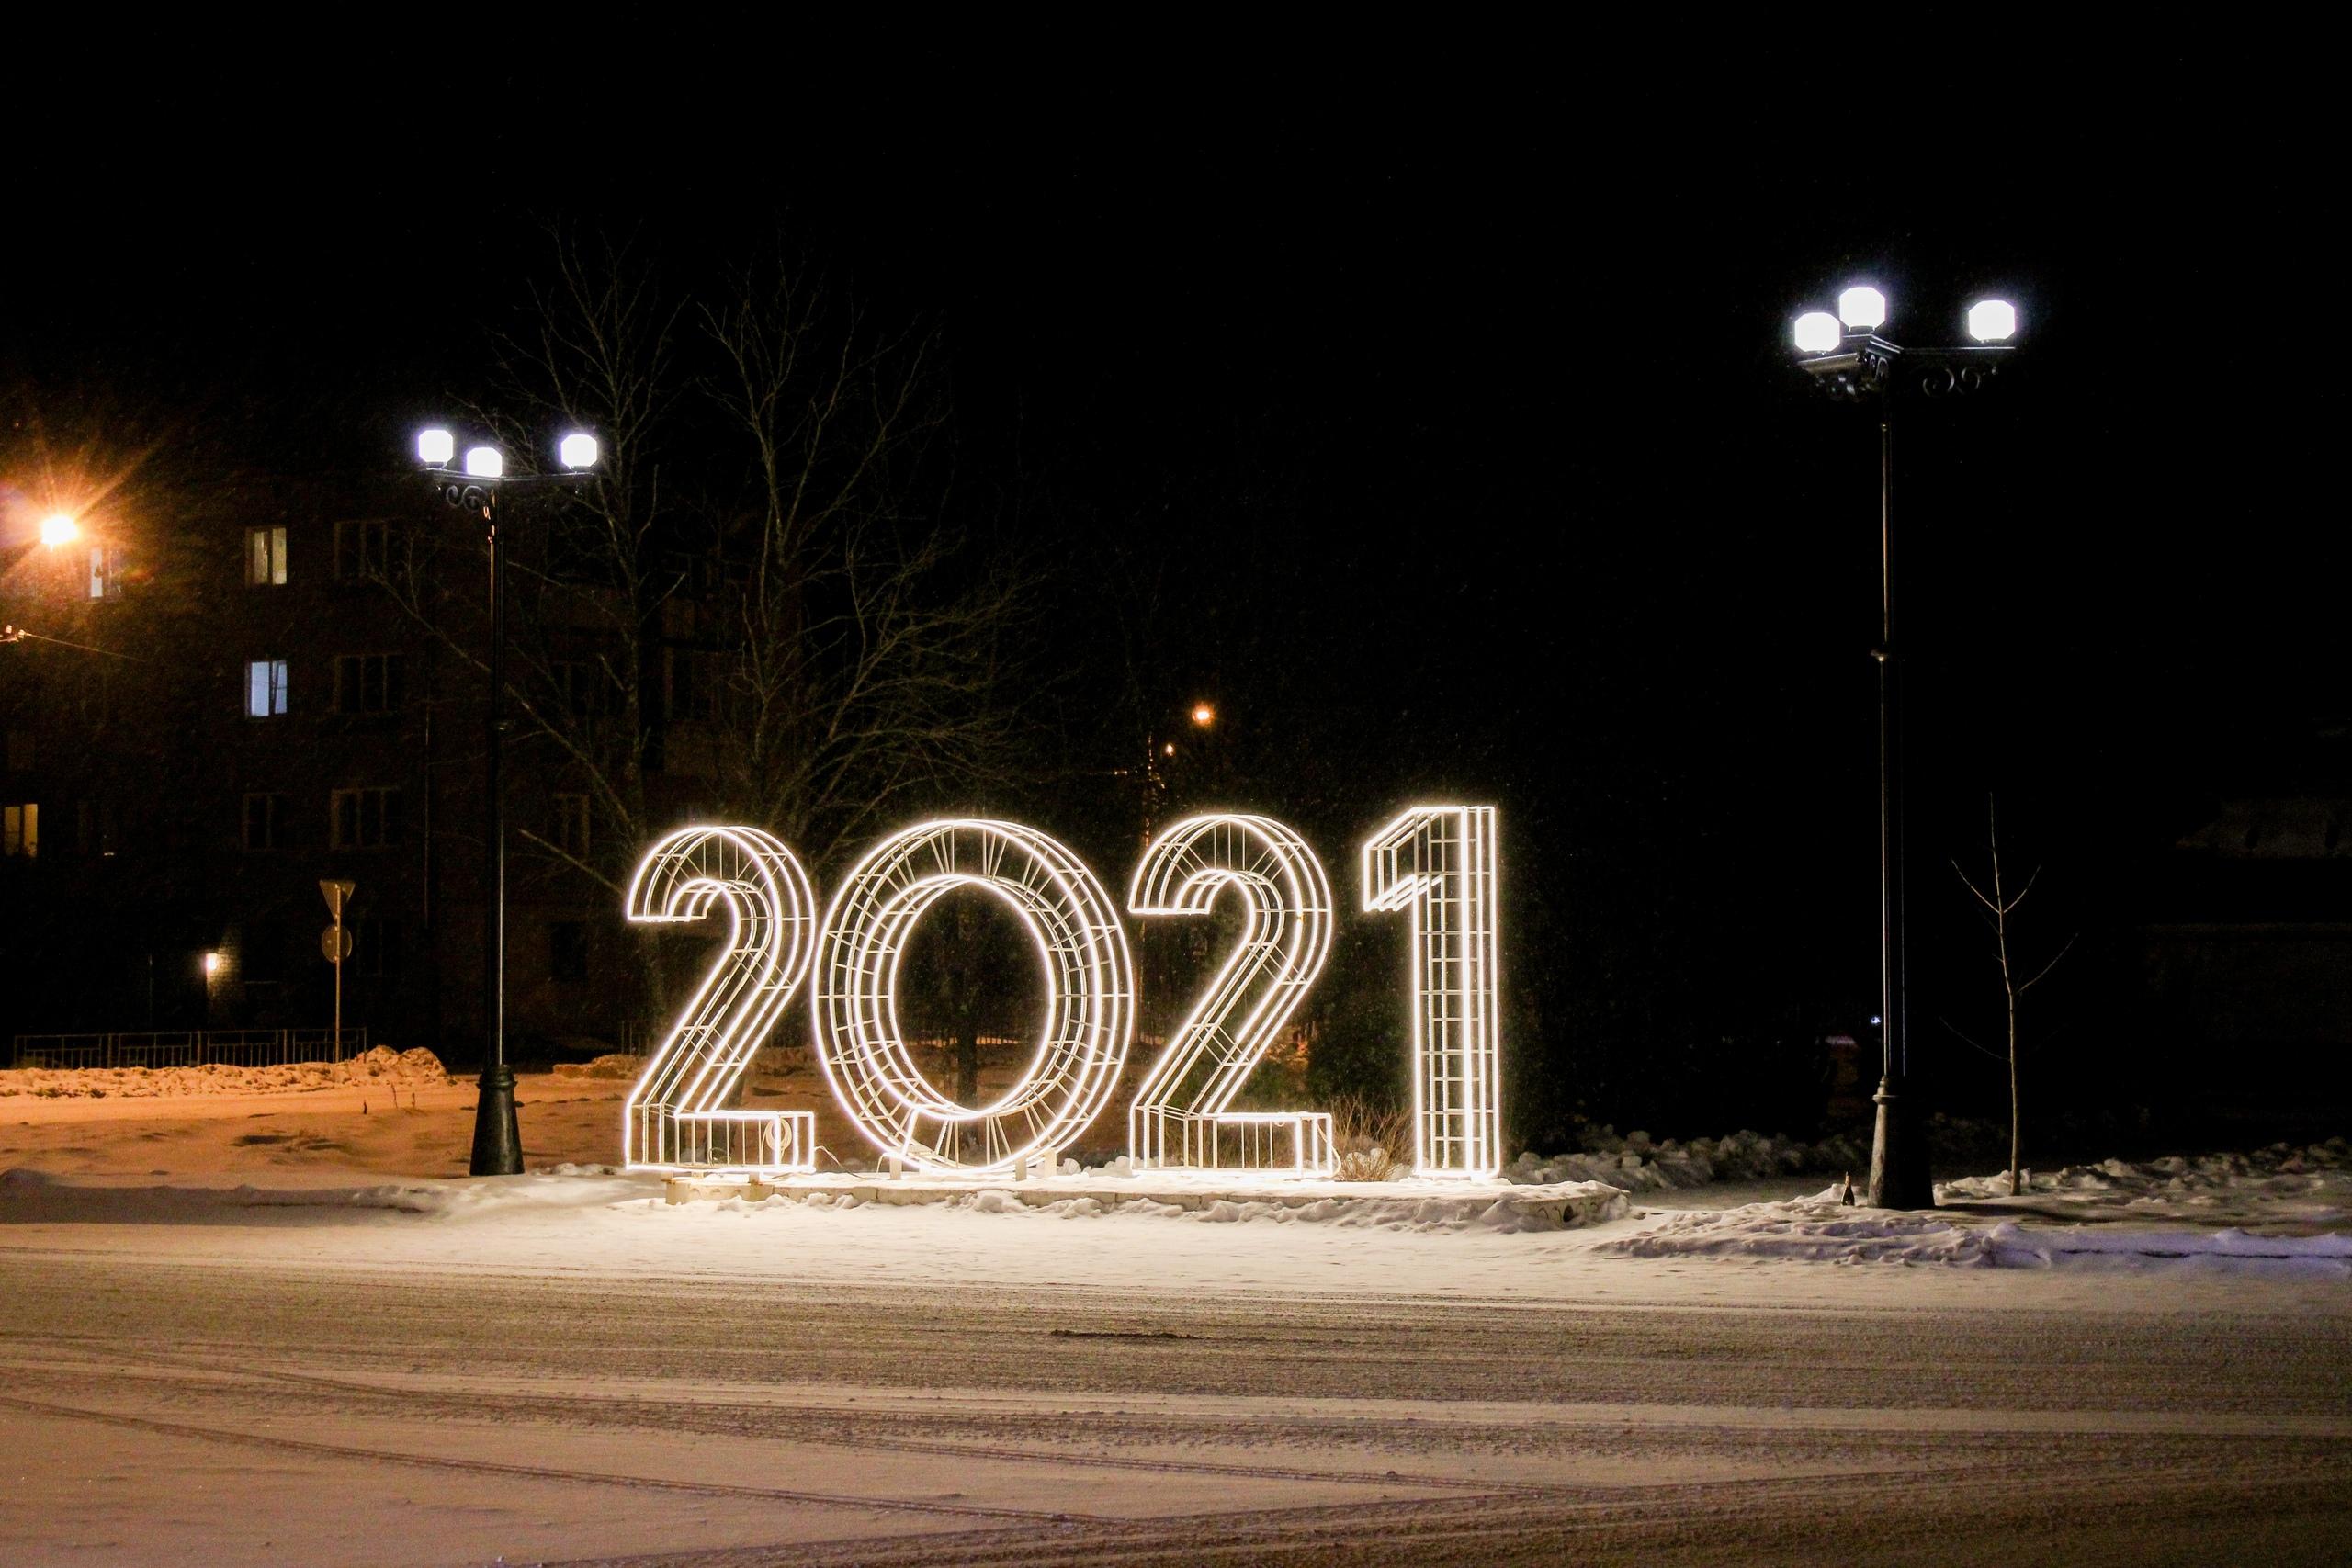 В преддверии Нового года во Ржеве засияли уличные украшения